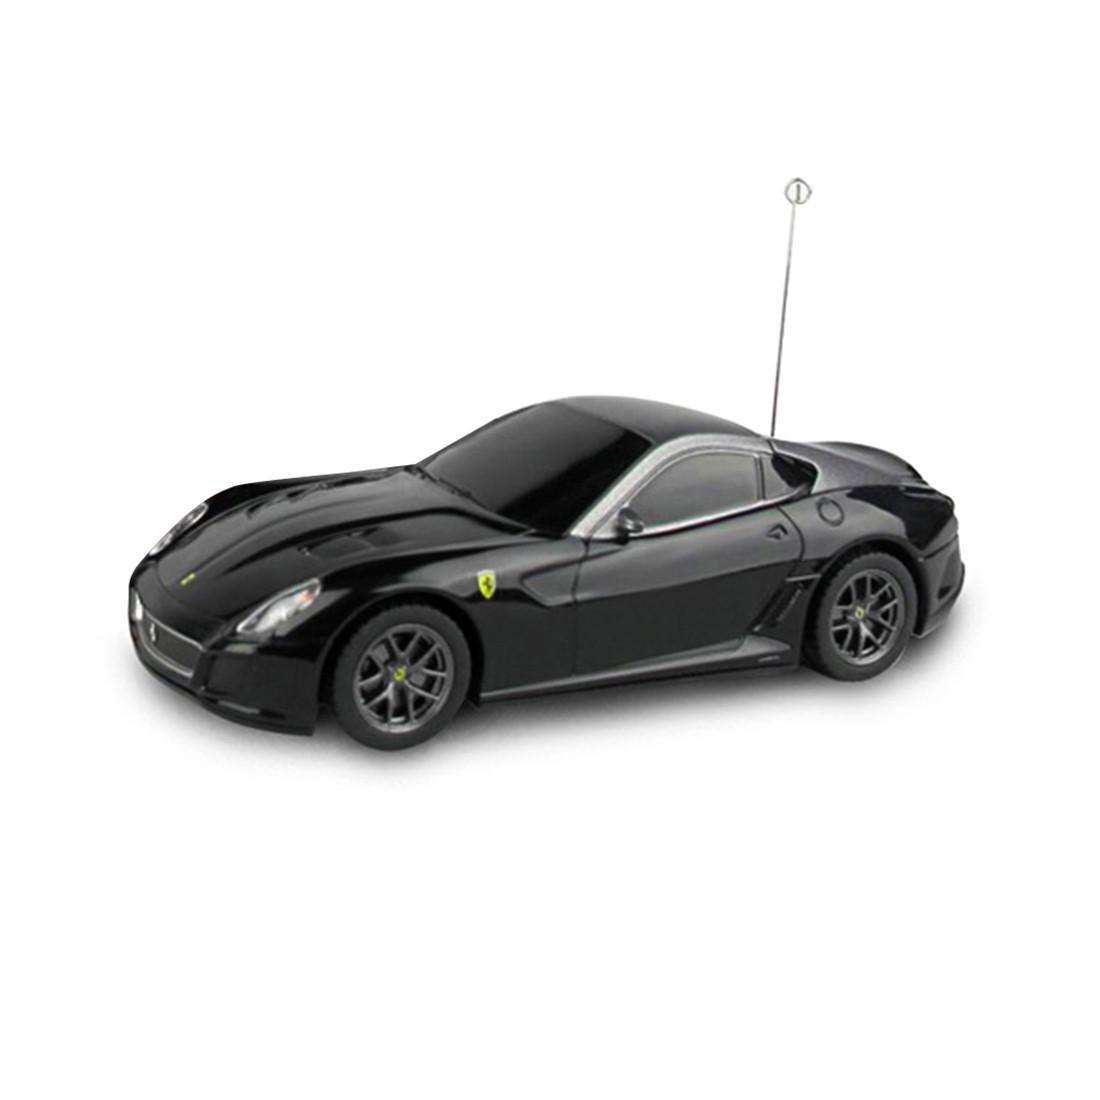 Радиоуправляемая модель автомобиль Rastar Ferrari 599 GTO, 1:32, Управление: Джойстик, Материал: Пластик, Цвет